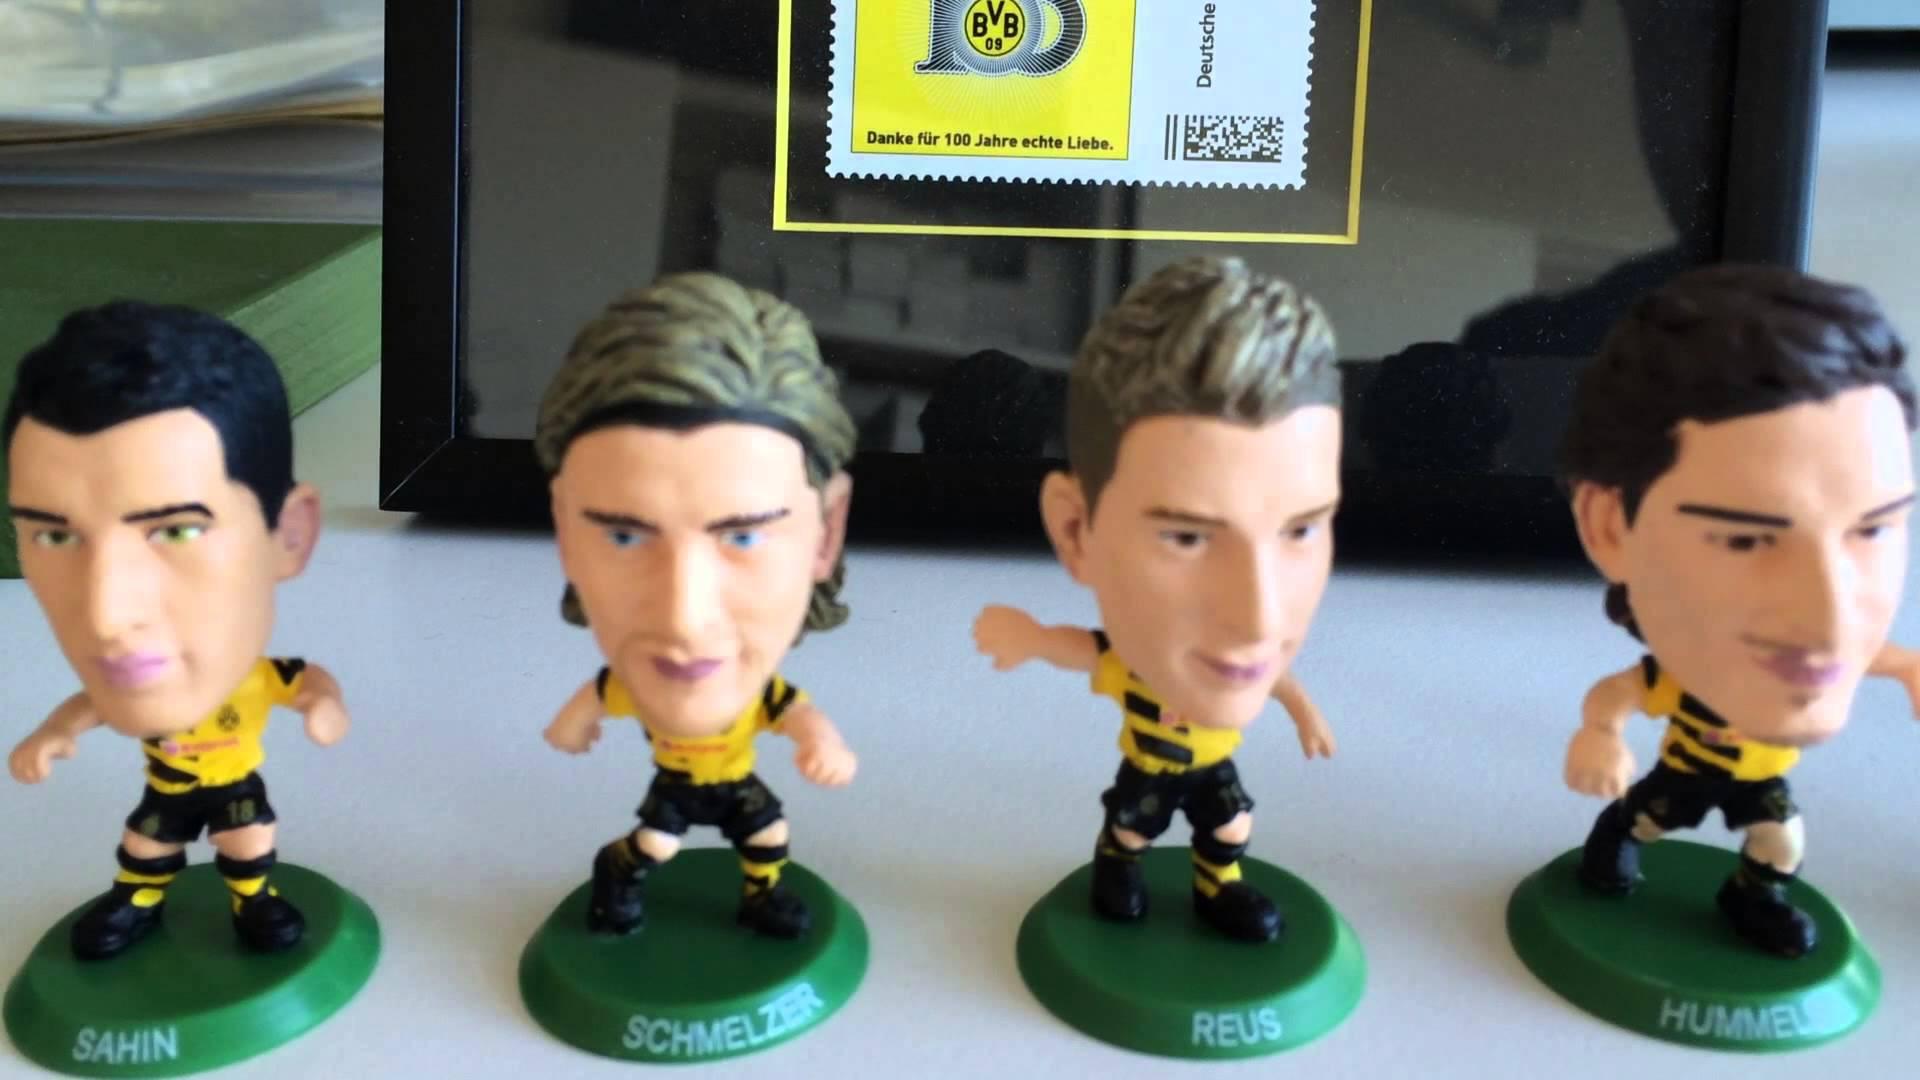 Vorsicht, Suchtgefahr! BVB-Spielerfiguren zum Sammeln | BVB